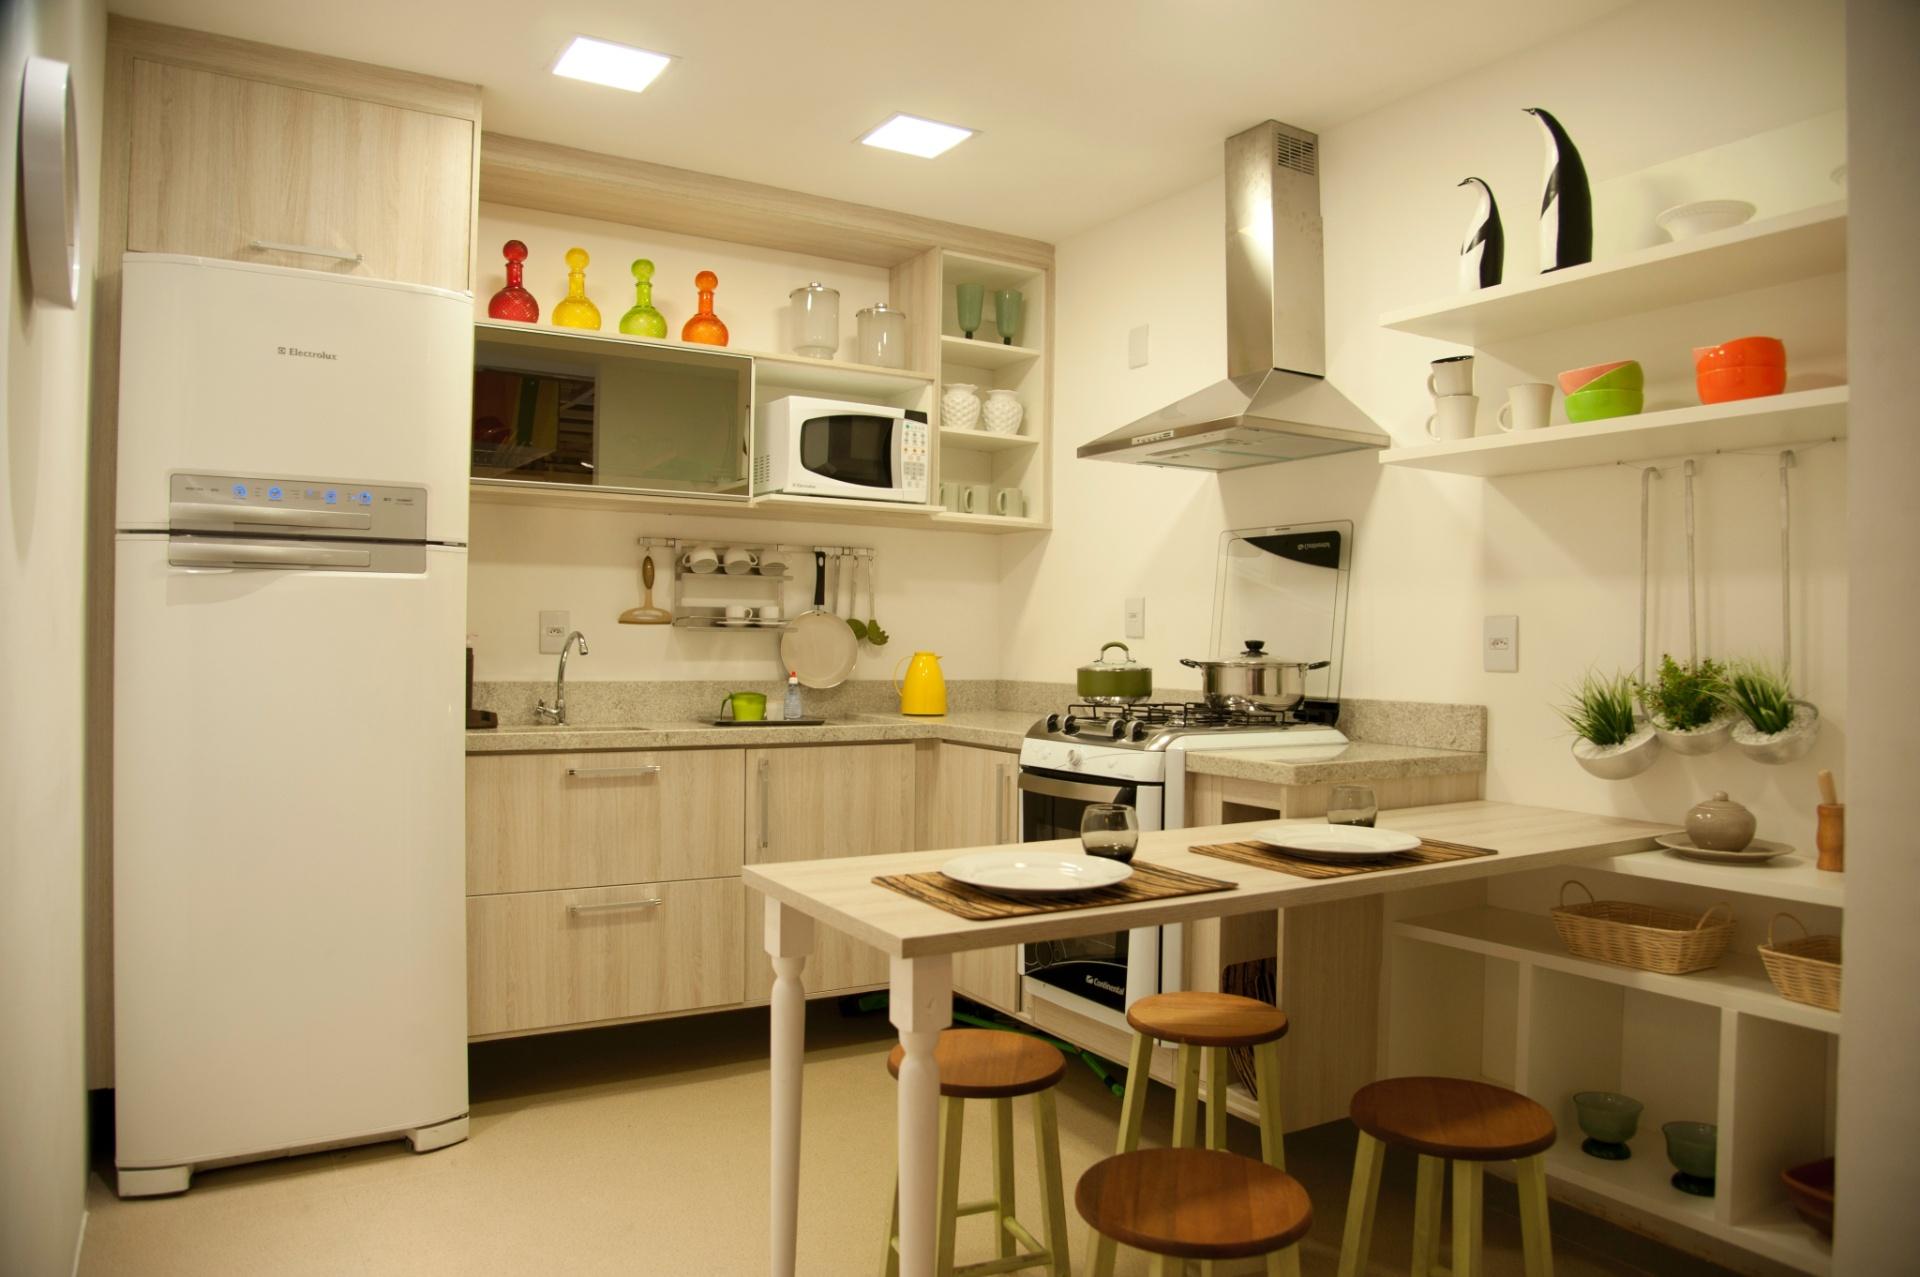 Imagens de #C23709 15 tipos de modelos de cozinhas pequenas 1920x1277 px 3728 Banheiros Planejados Porto Alegre